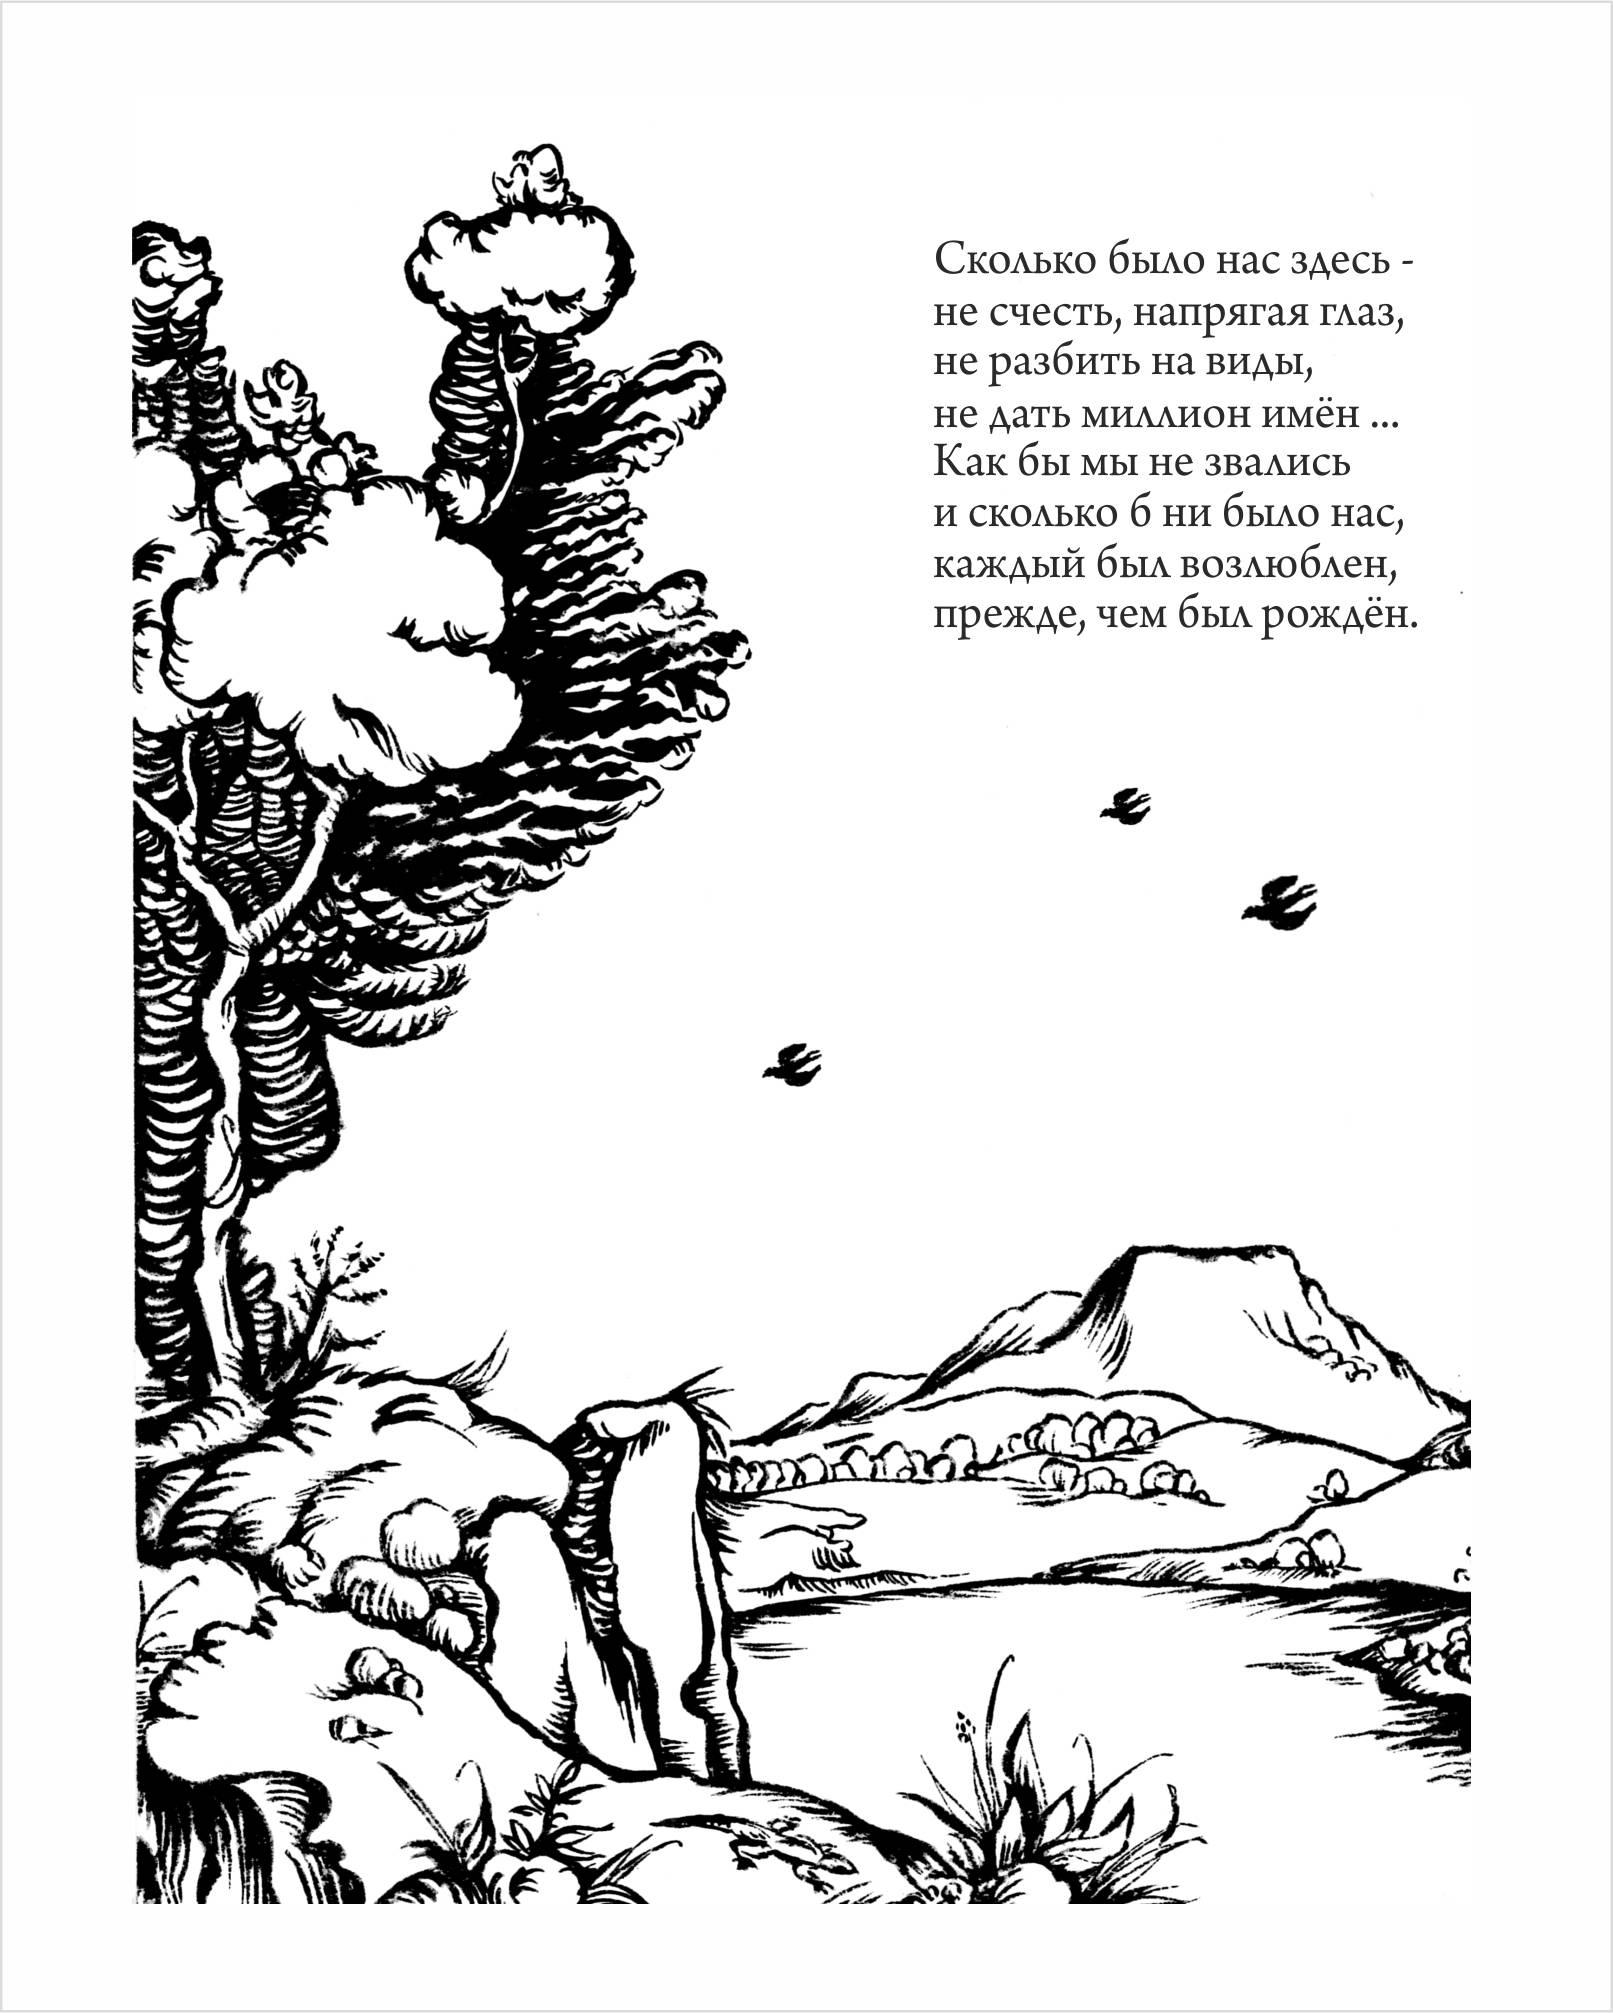 Иллюстрация к сборнику стихов.